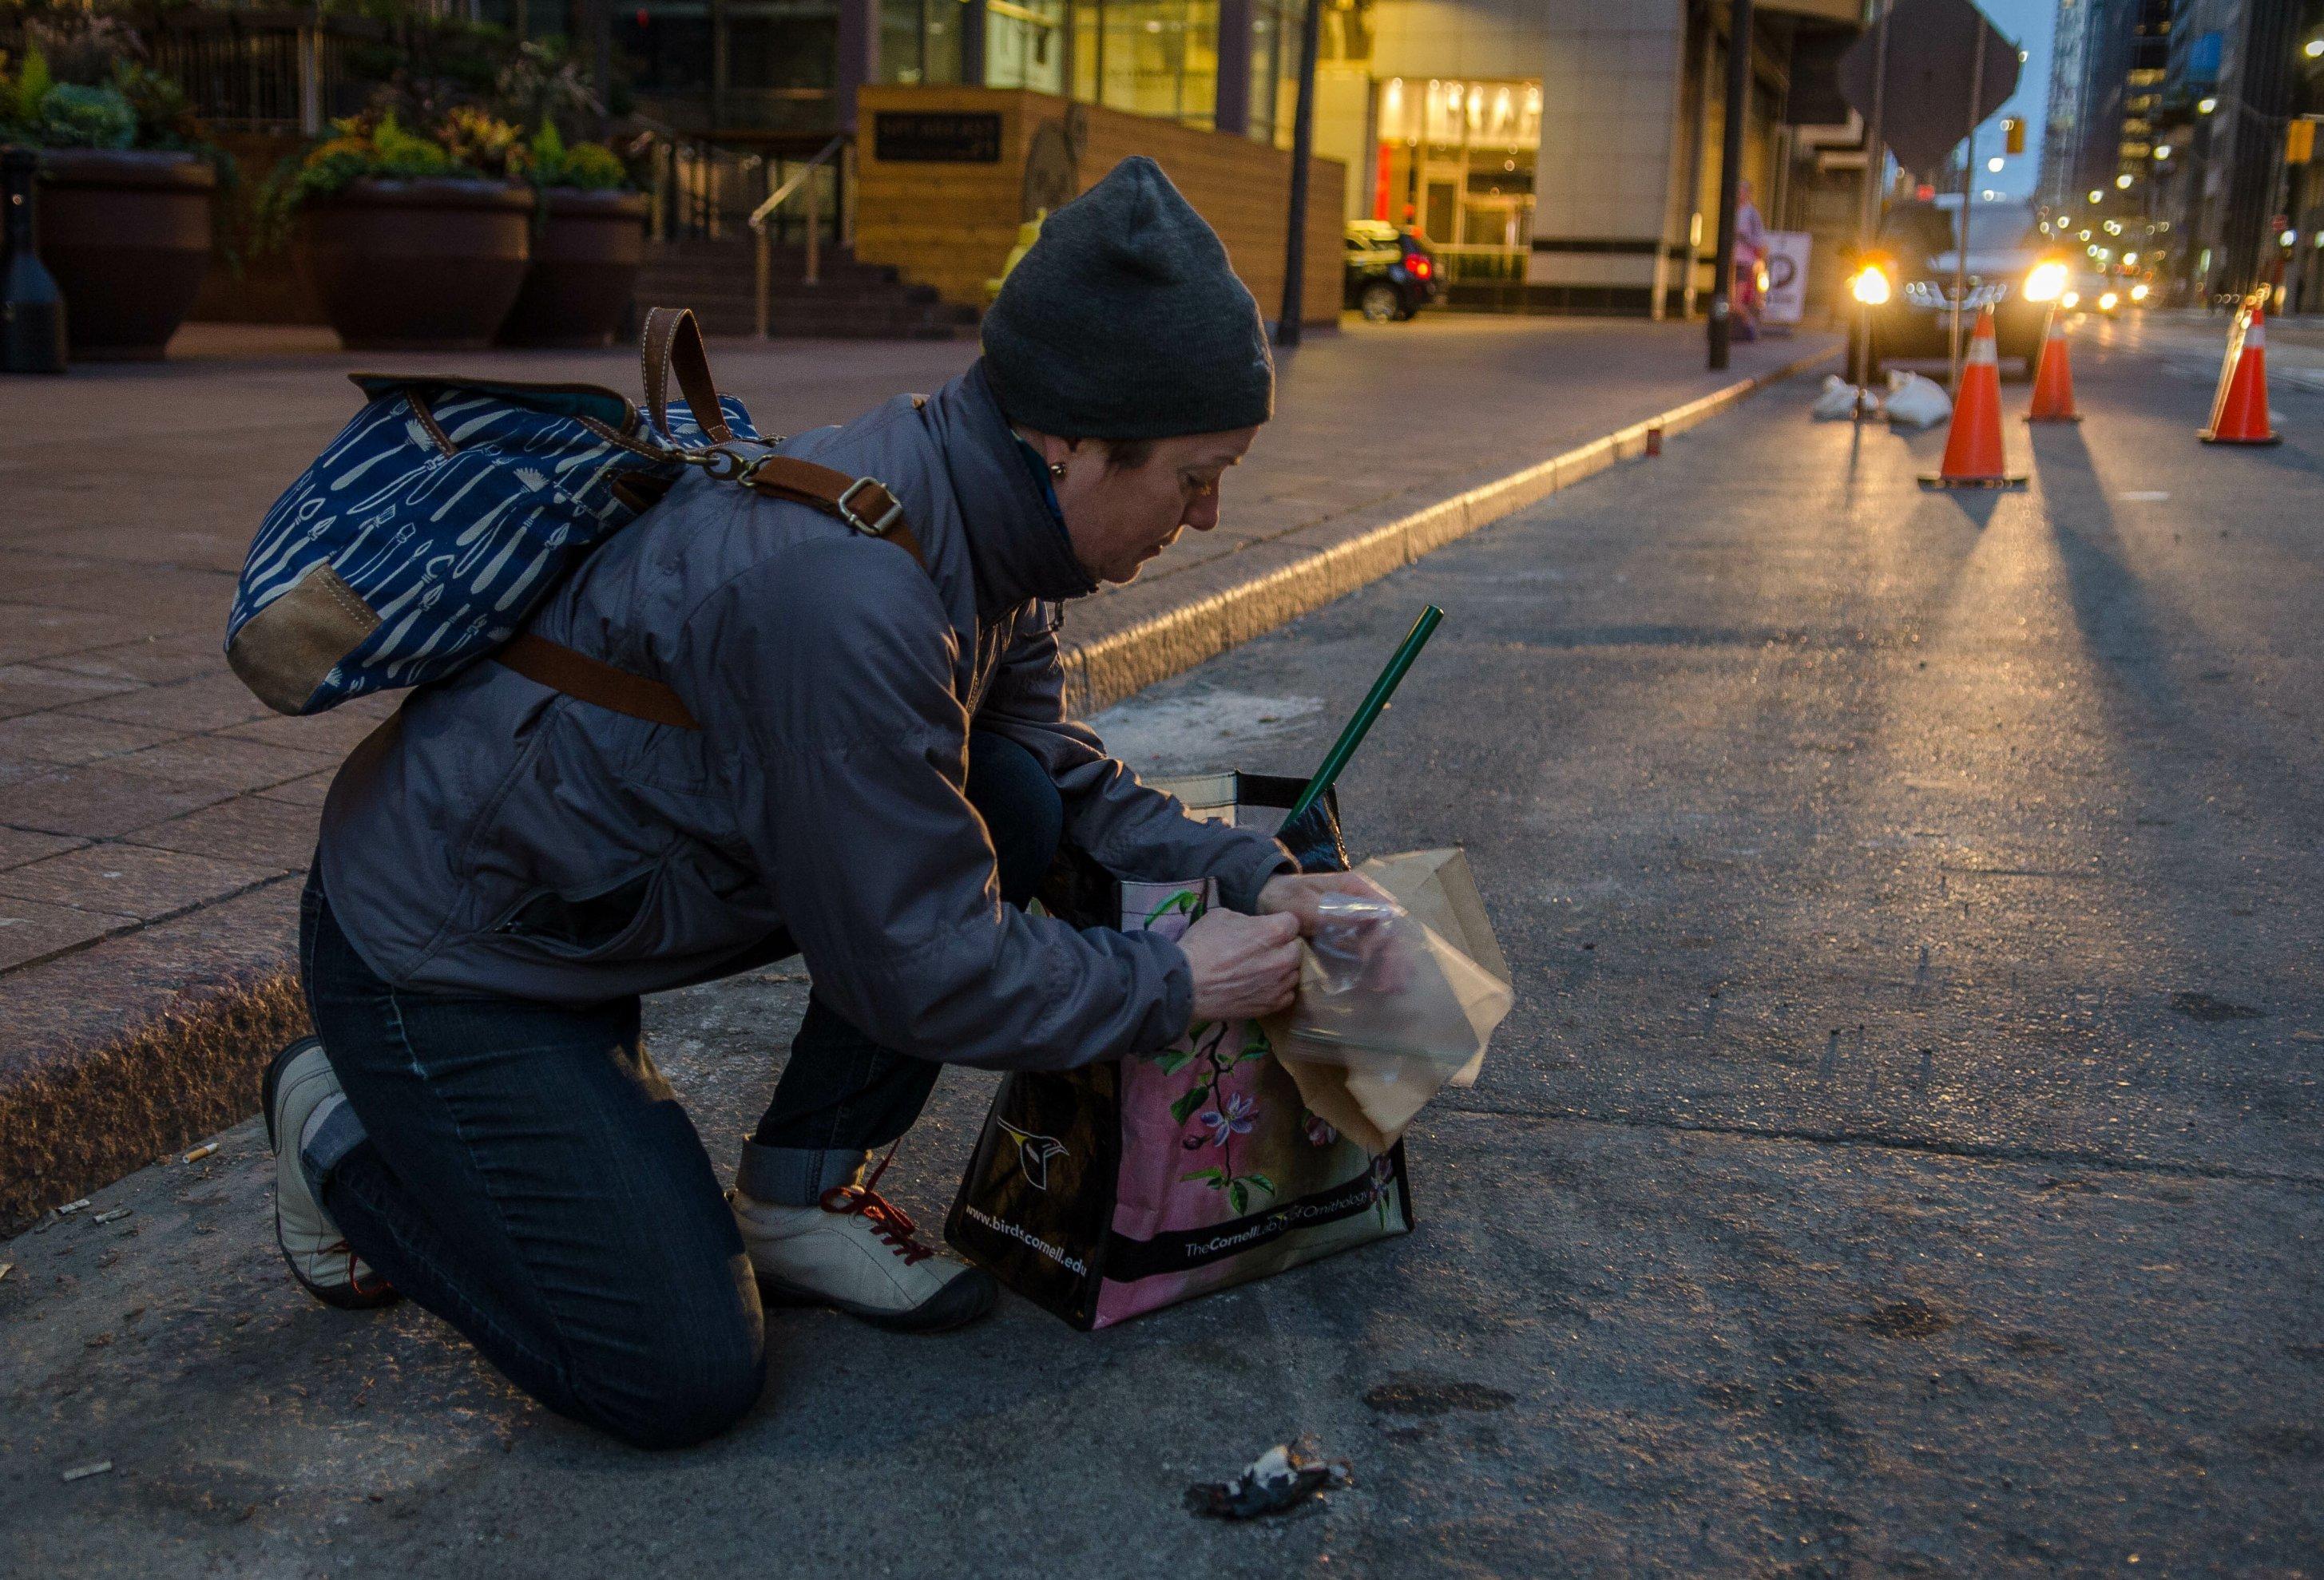 Eine Frau kniet auf der Straße, in der Hand ein Papier, in das sie den toten Vogel neben sich einhüllen und wegbringen wird